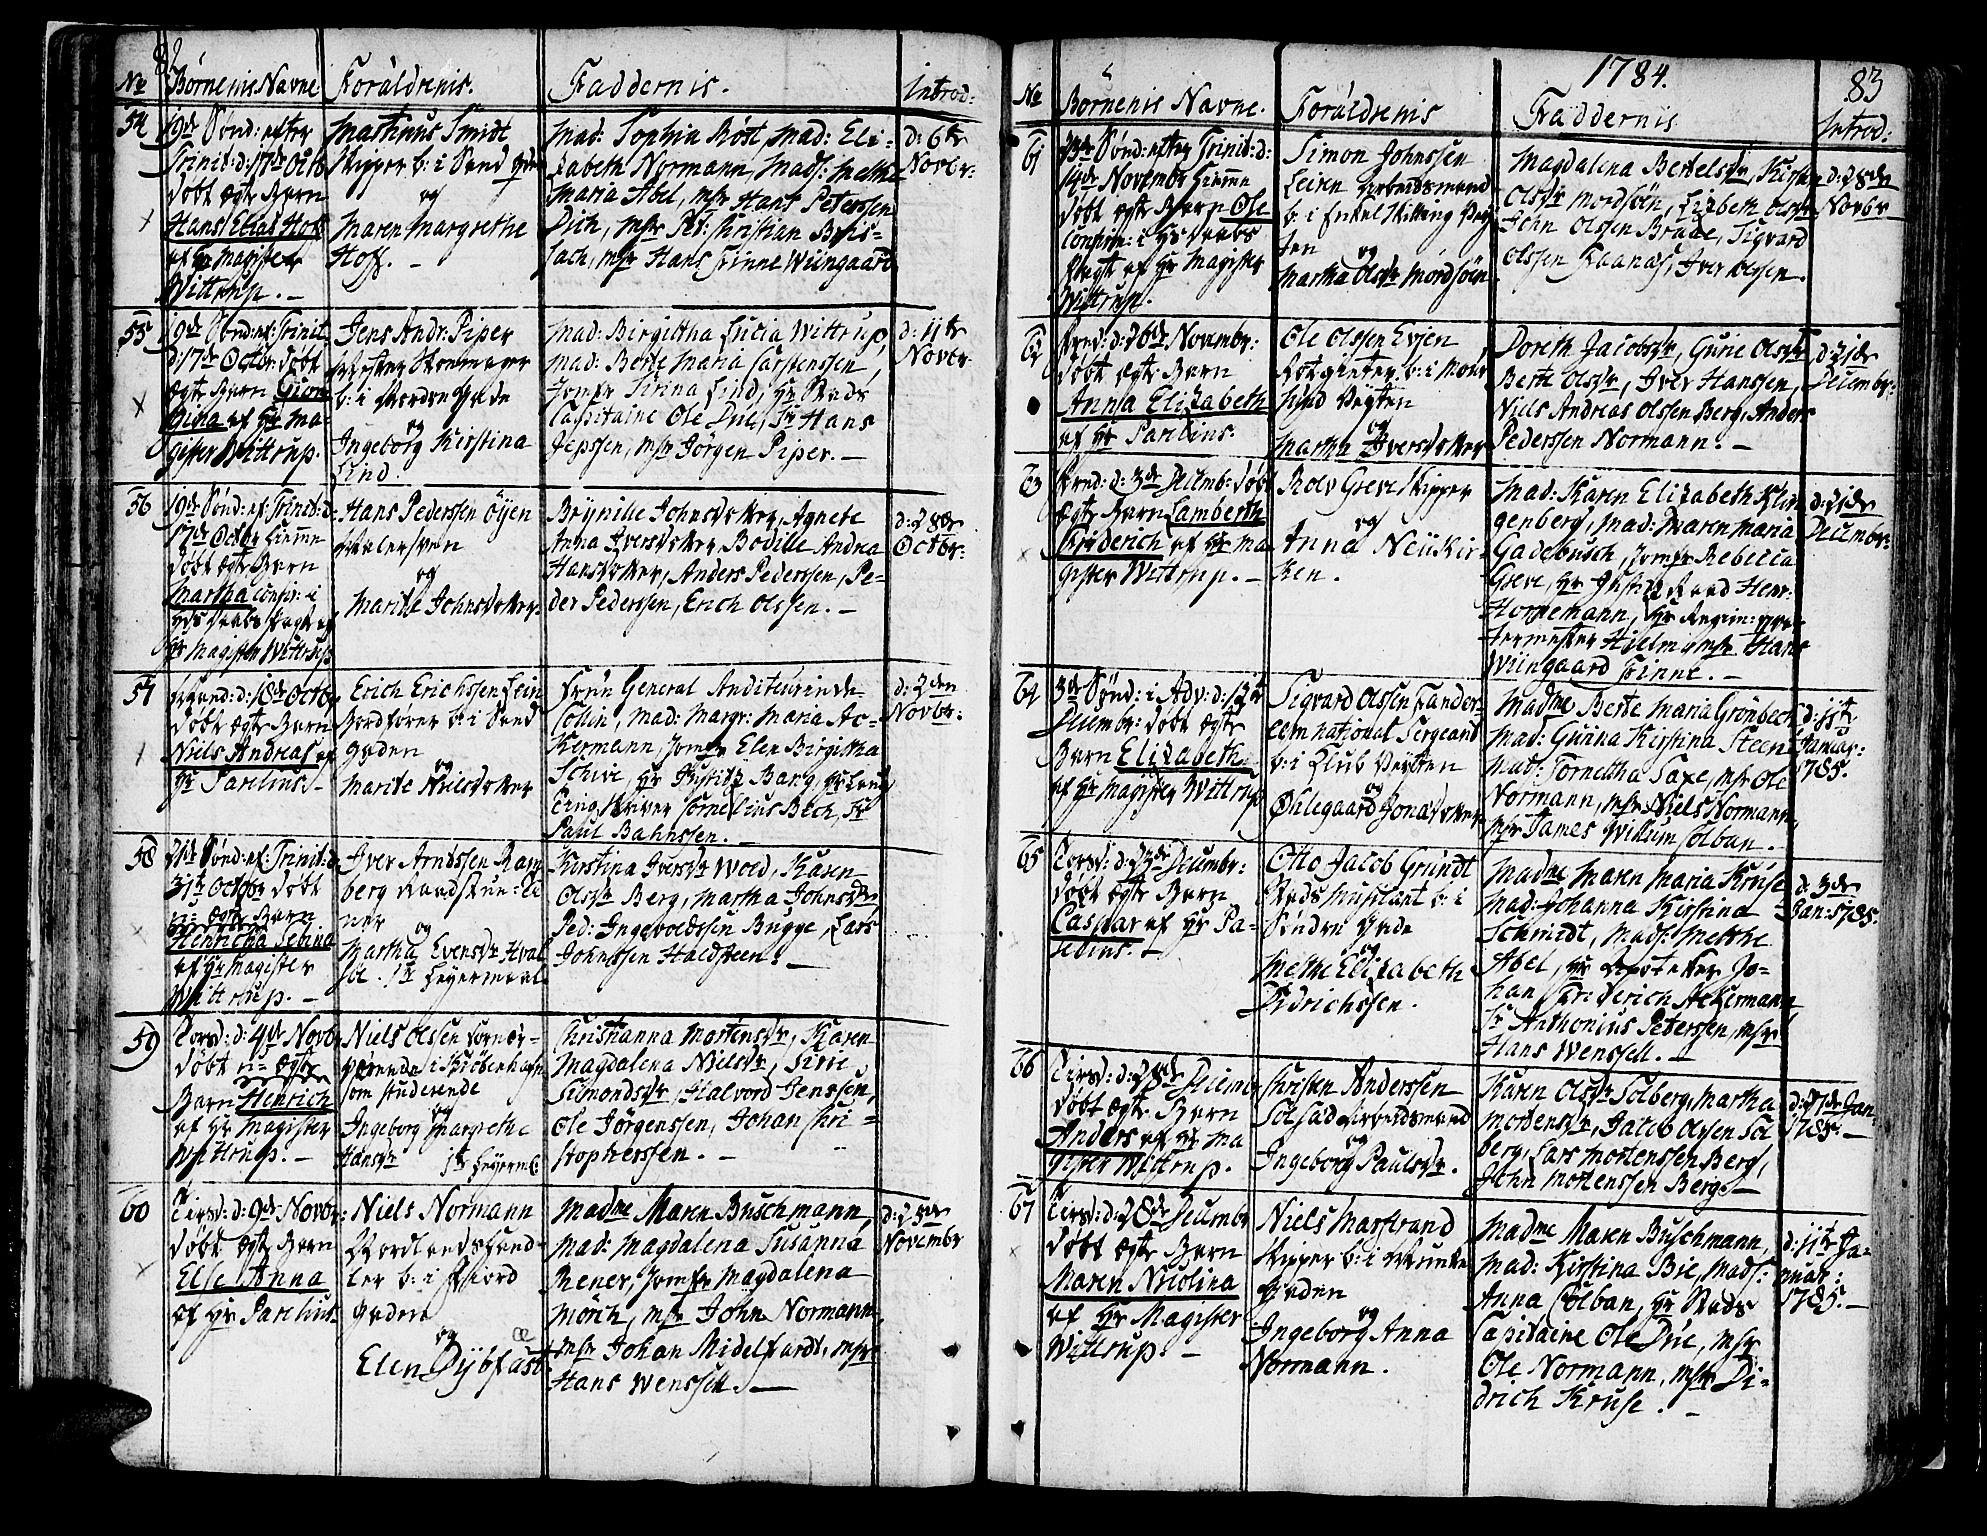 SAT, Ministerialprotokoller, klokkerbøker og fødselsregistre - Sør-Trøndelag, 602/L0104: Ministerialbok nr. 602A02, 1774-1814, s. 82-83